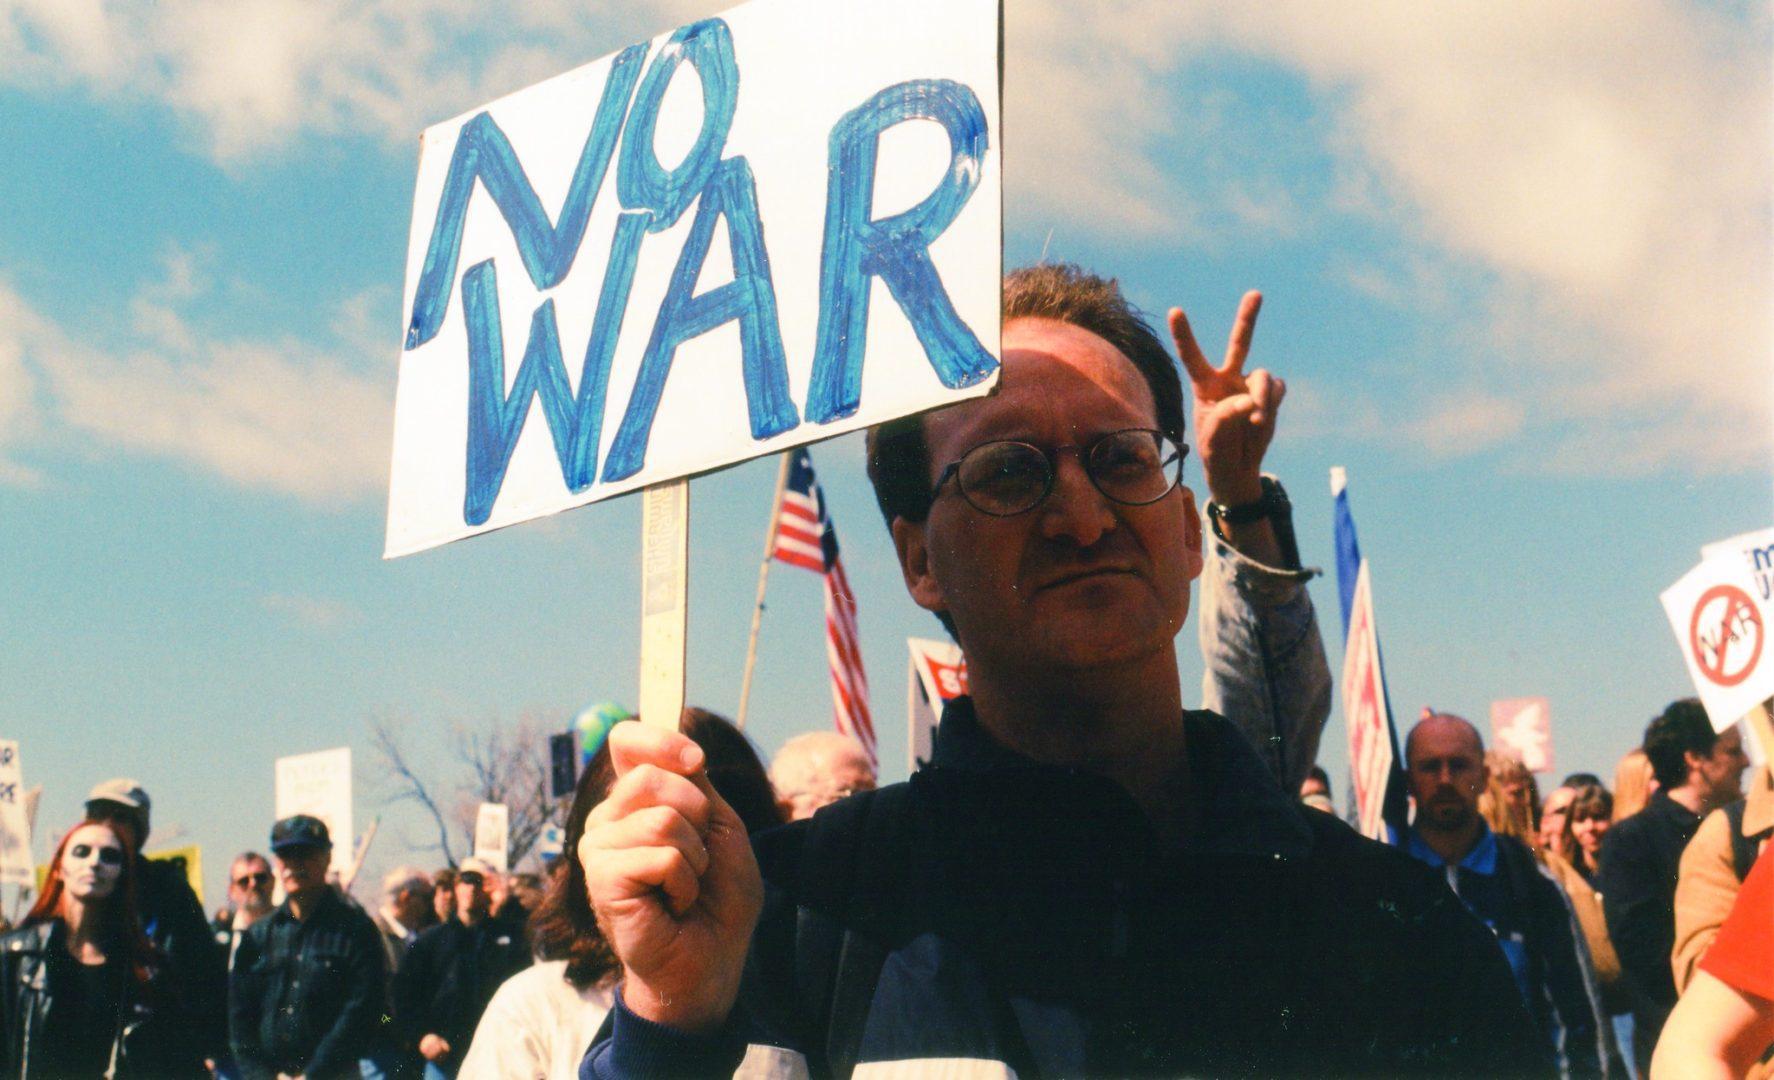 Bildergebnis für There is no such thing as a green war